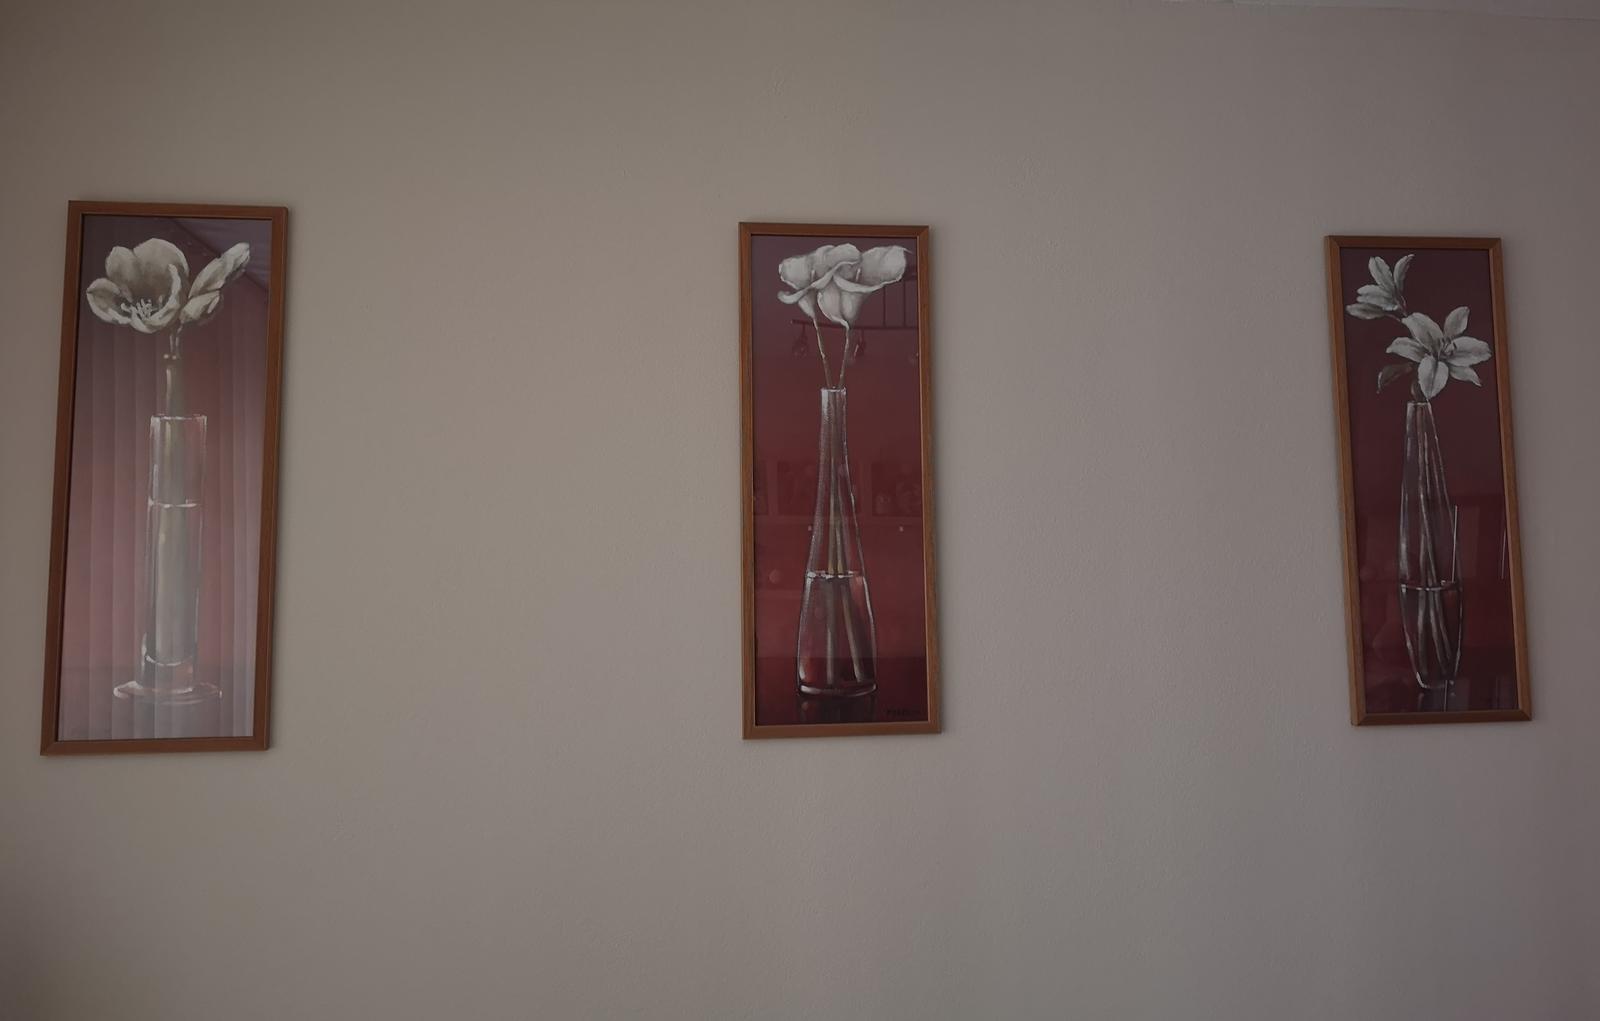 3 ks obrazy kvetov - Obrázok č. 1